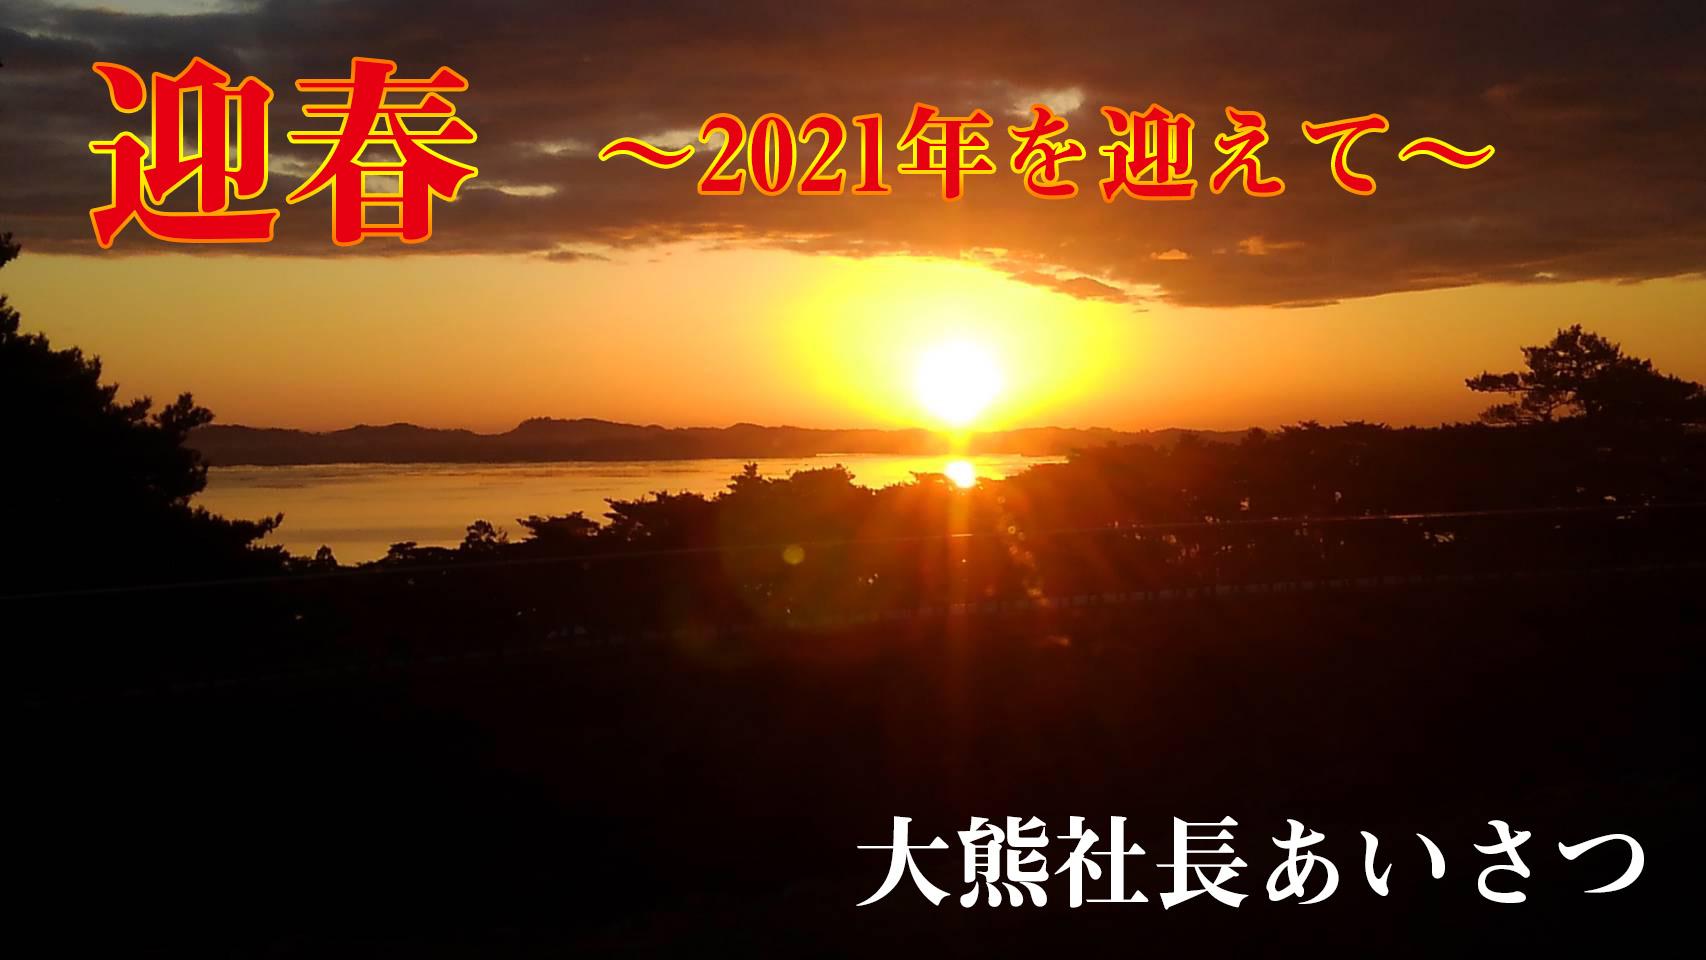 迎春〜2021年を迎えて〜